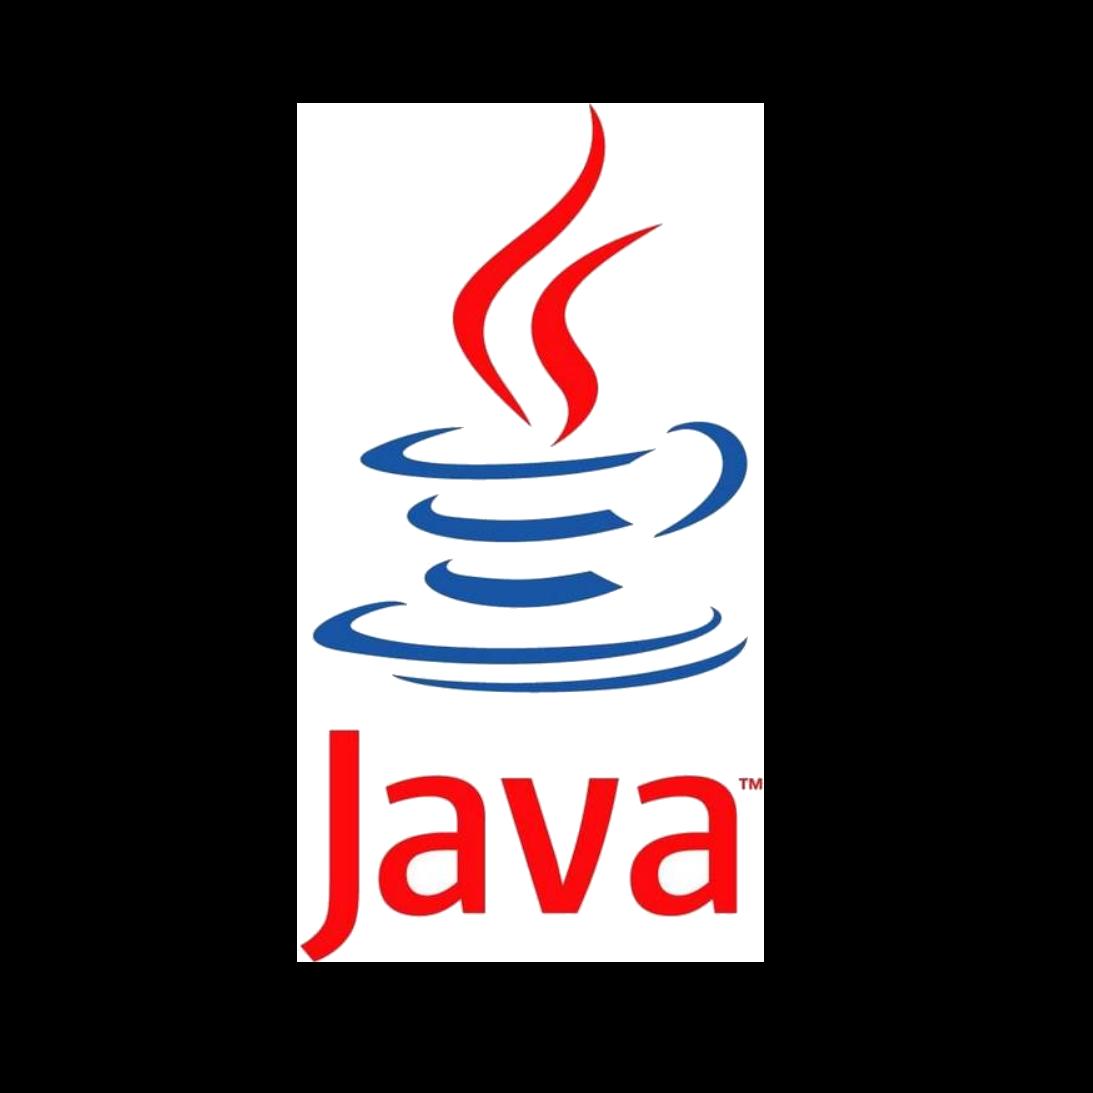 Java-1:1